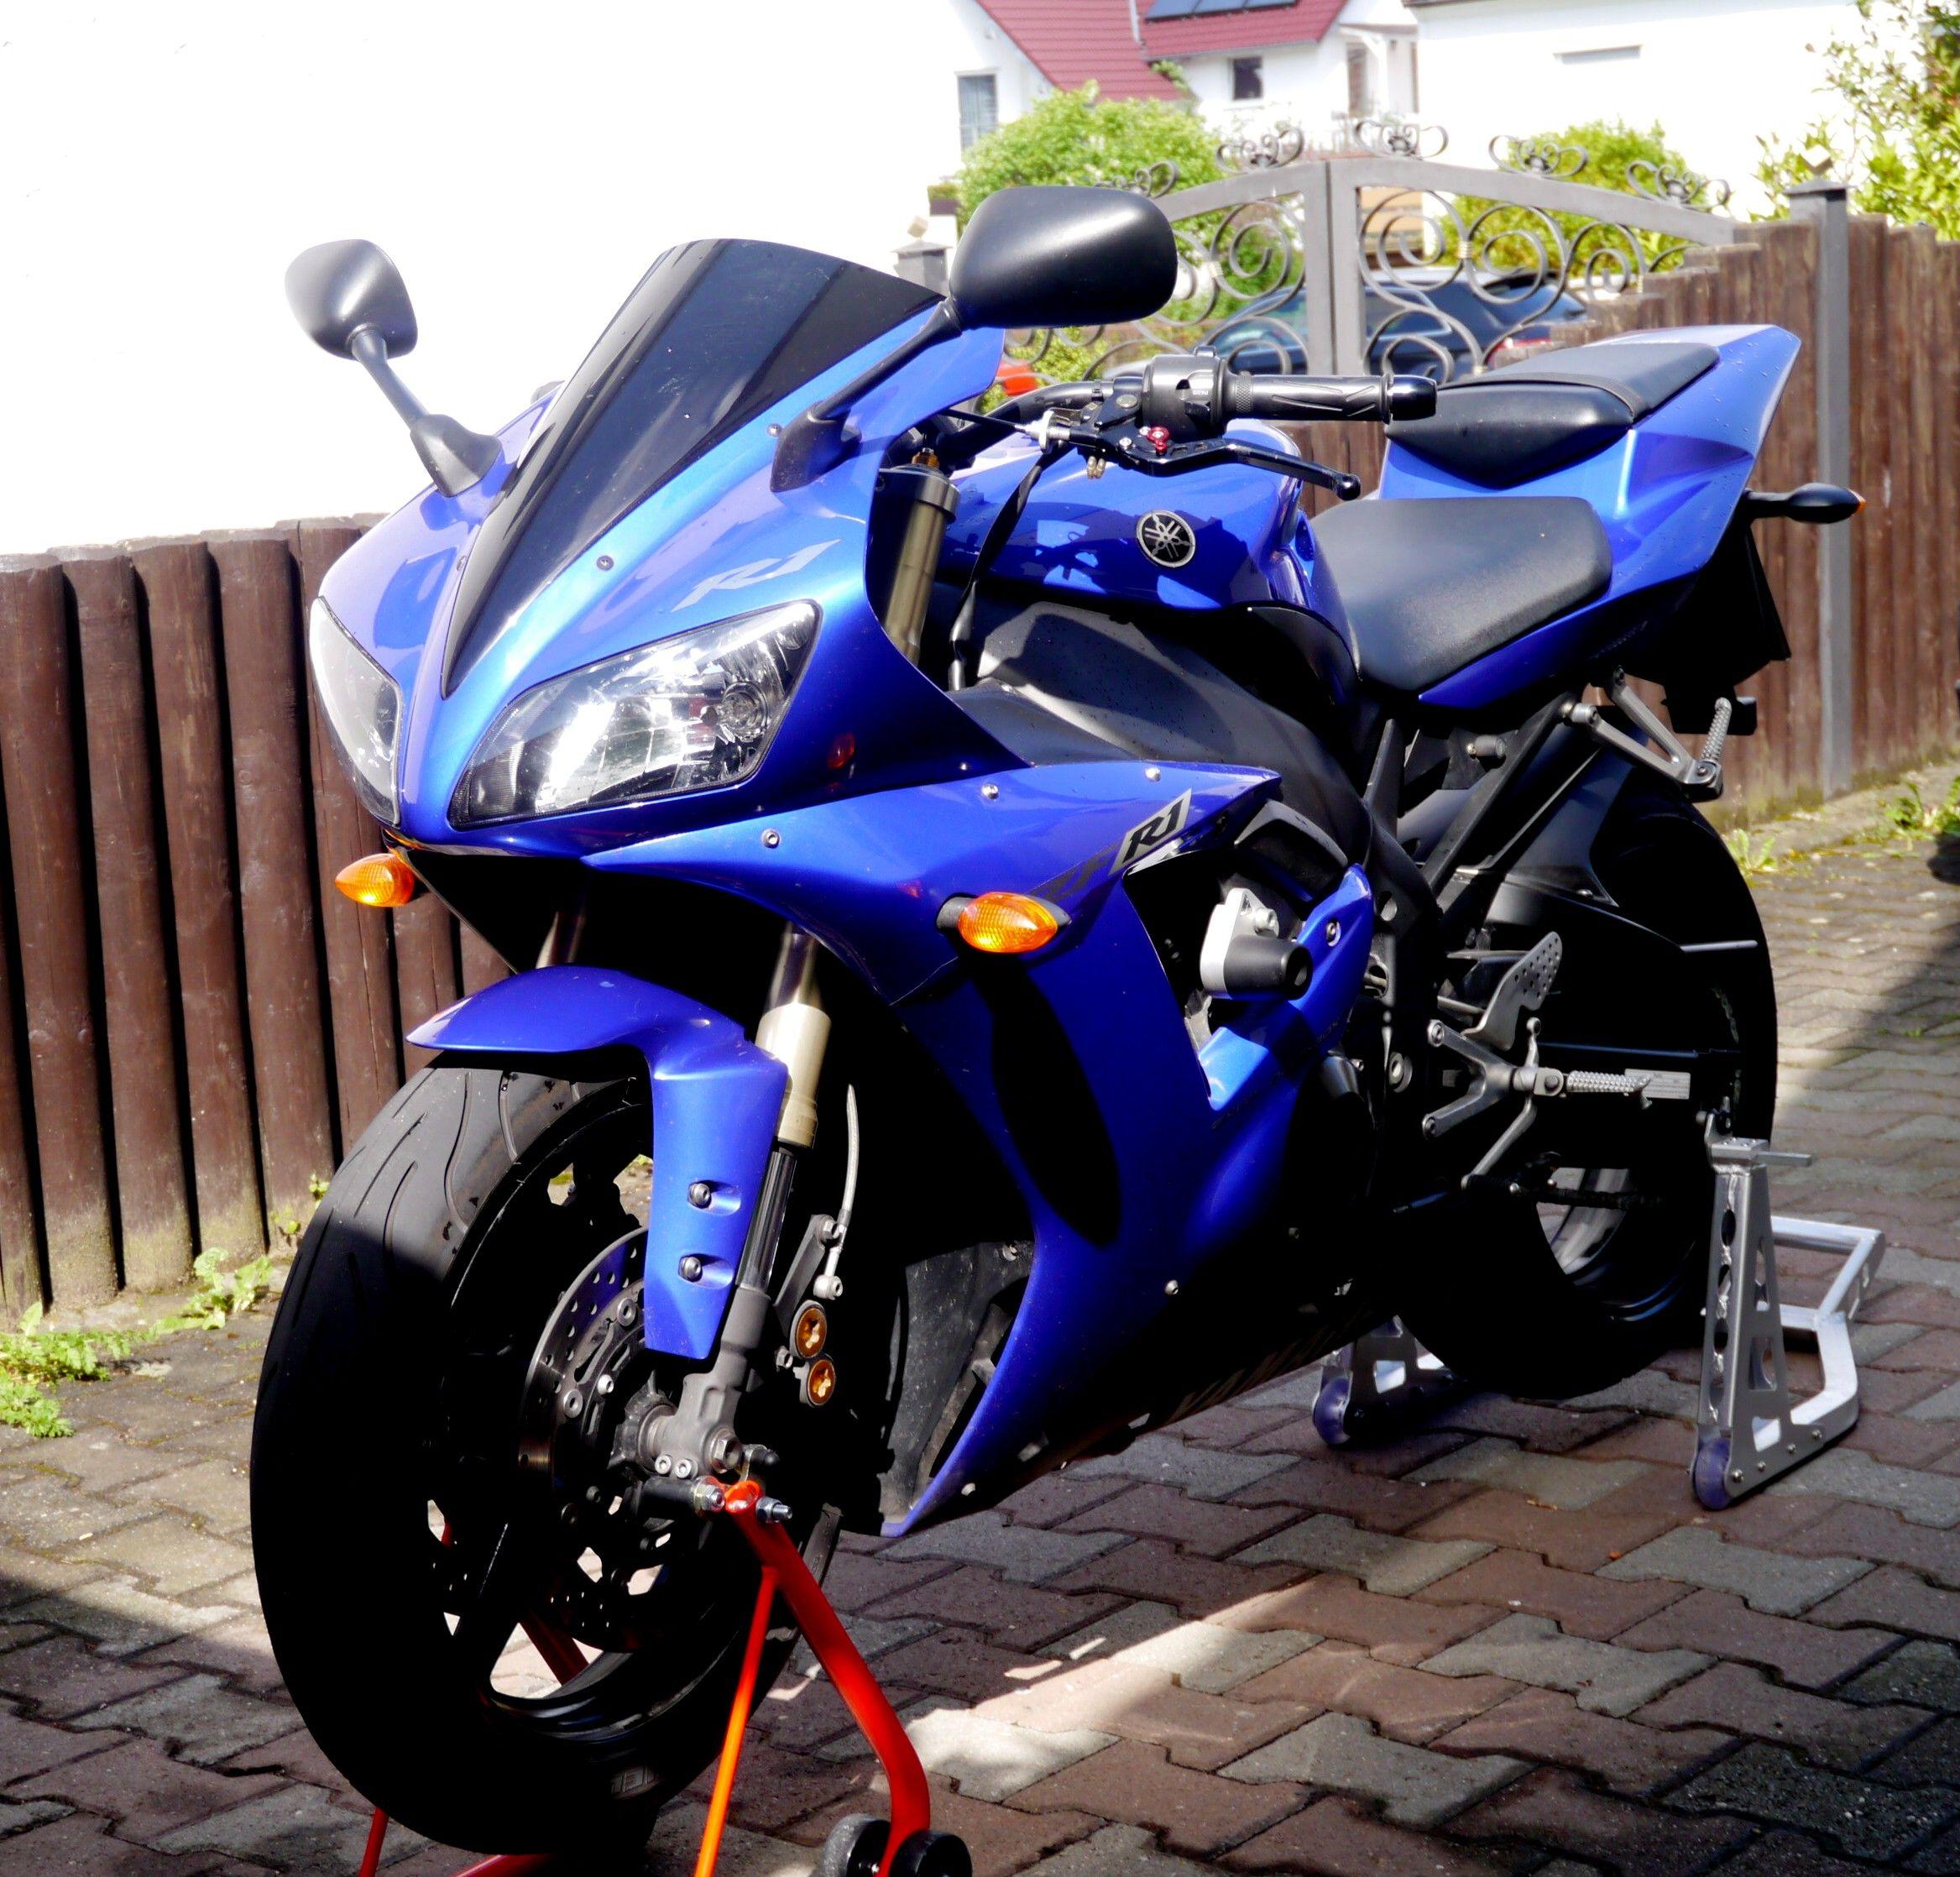 Yamaha yzf price in 2020 Fast bikes, Yamaha yzf, Bike